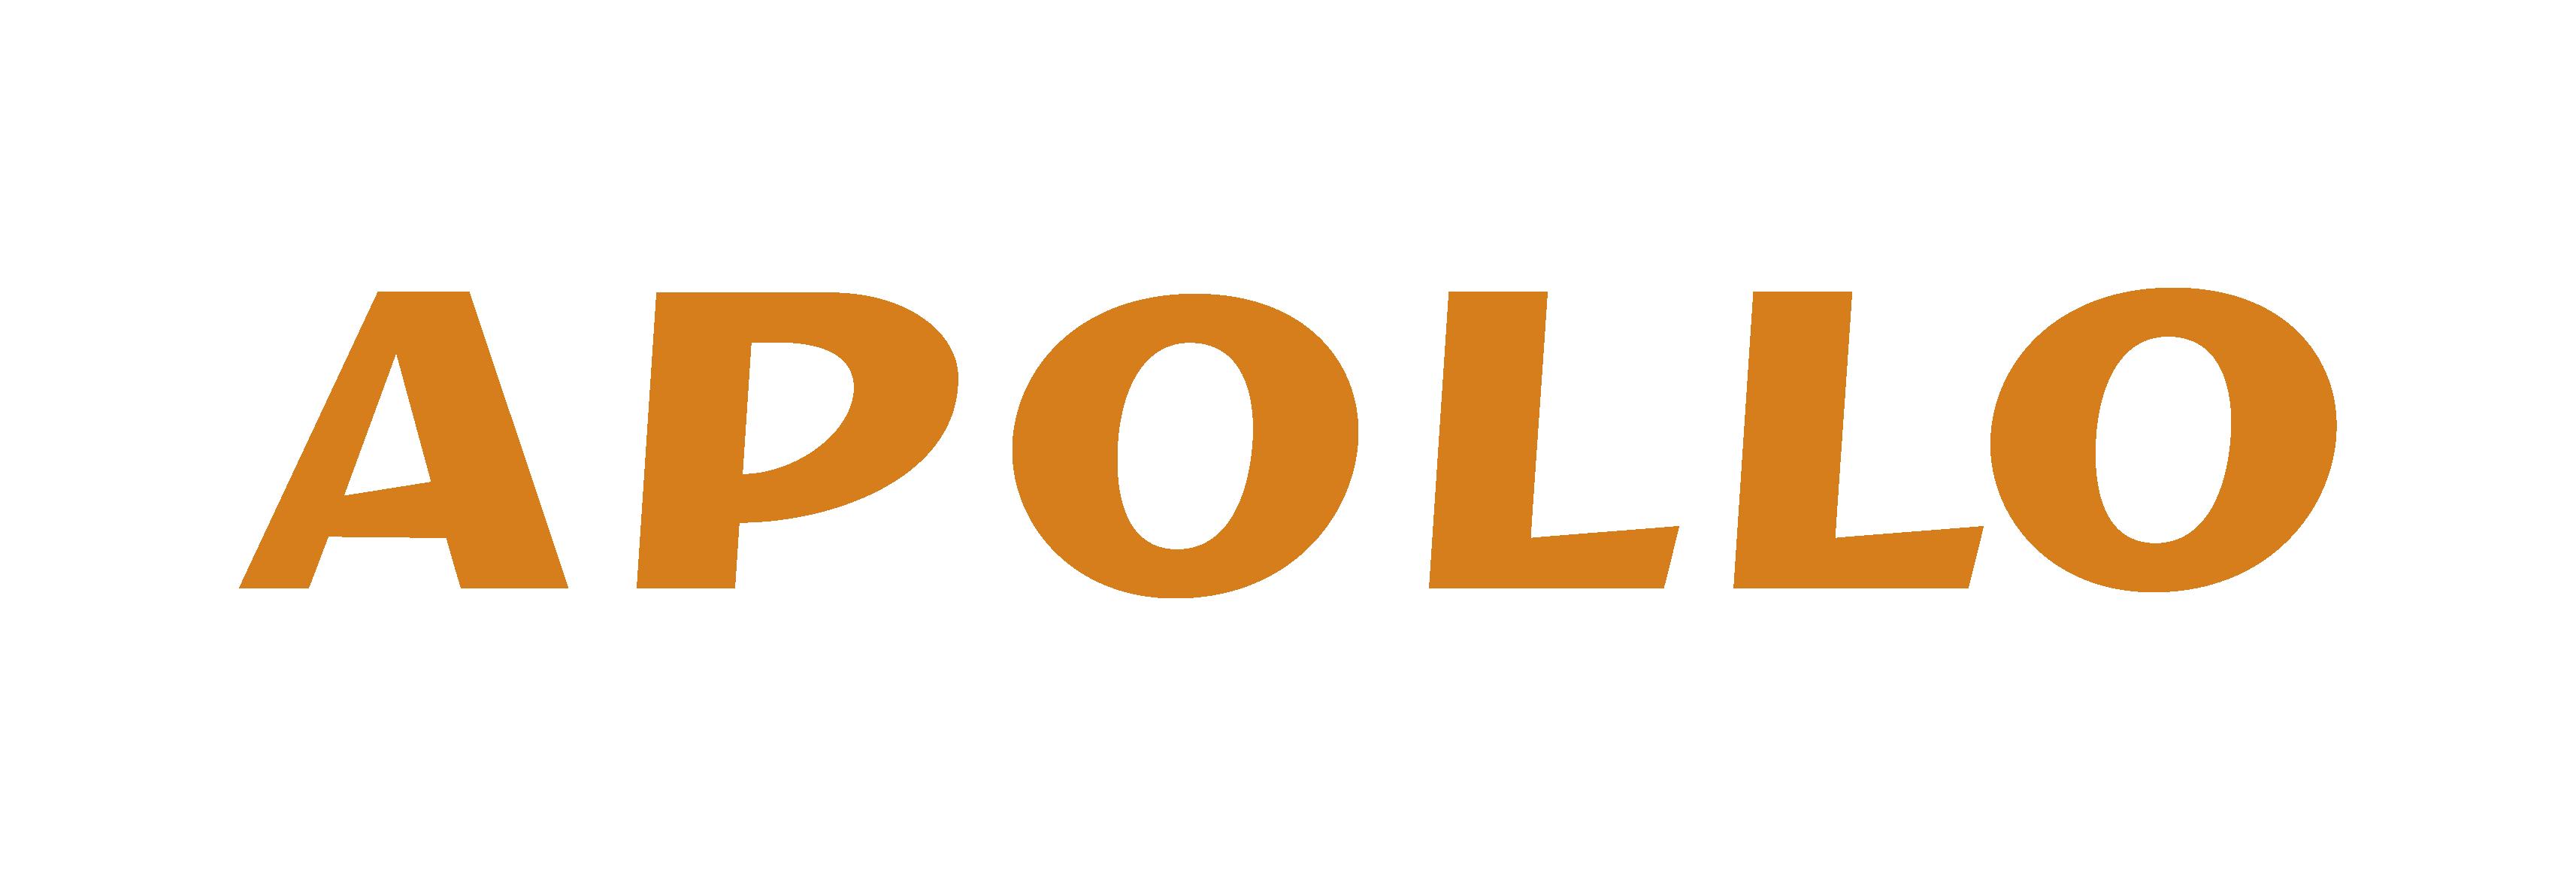 Apollo_logo_Orange_Group